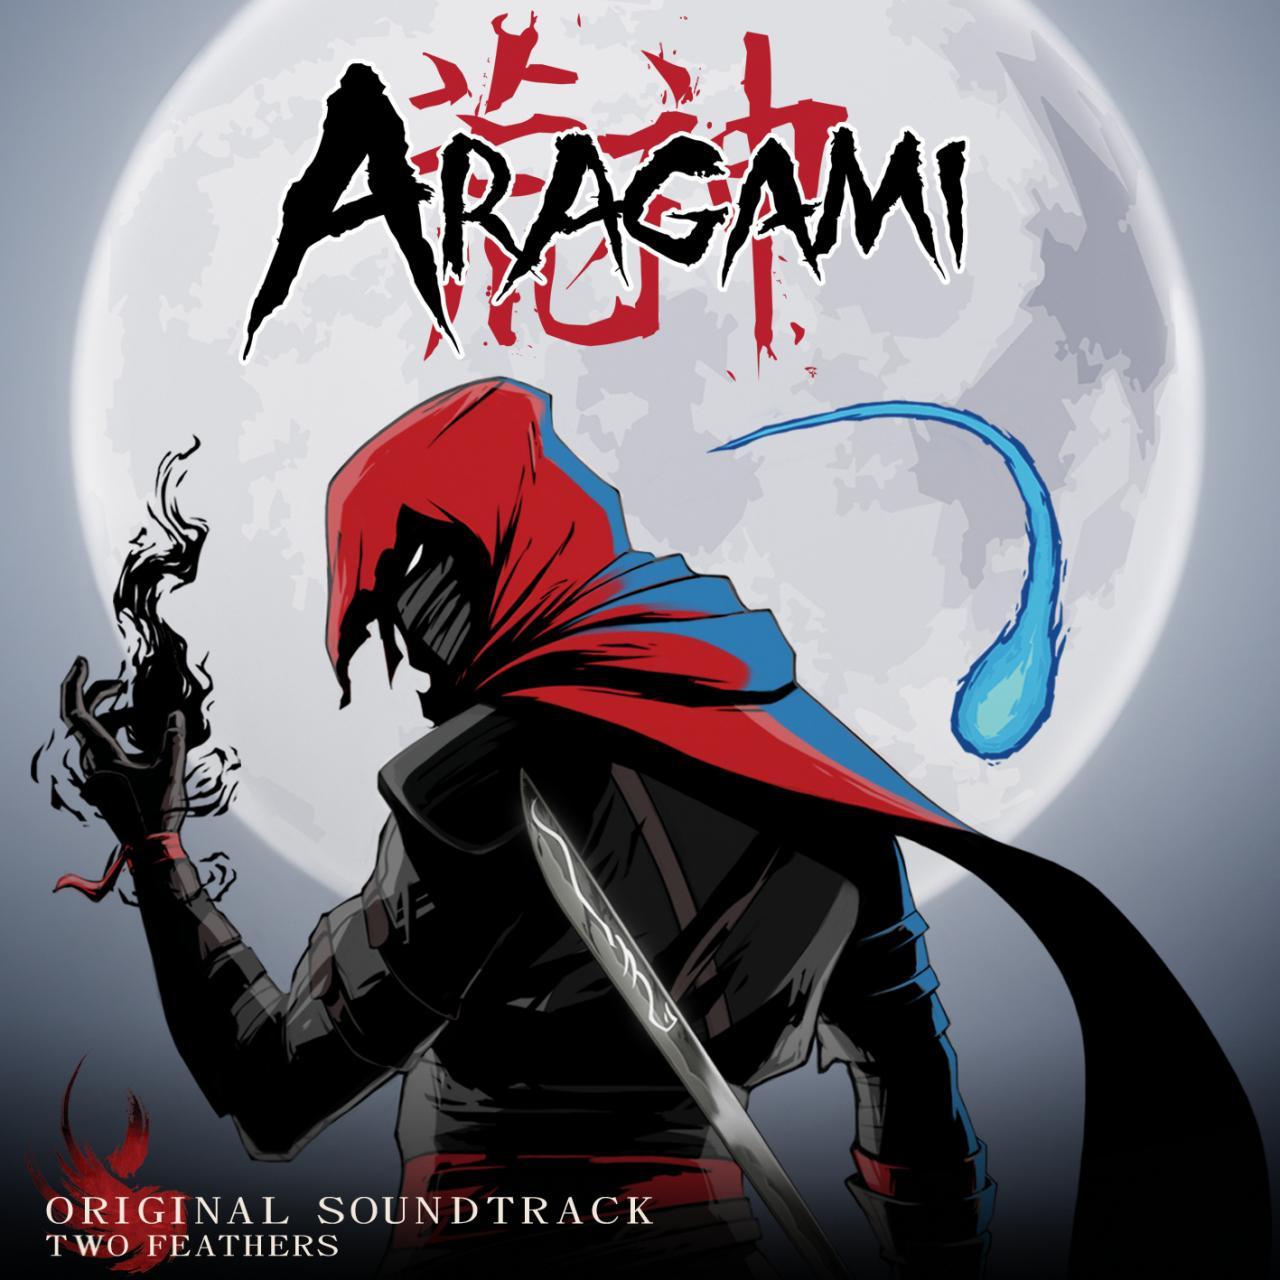 [音乐] Aragami (Original Soundtrack) [WAV]-玩吧ACG